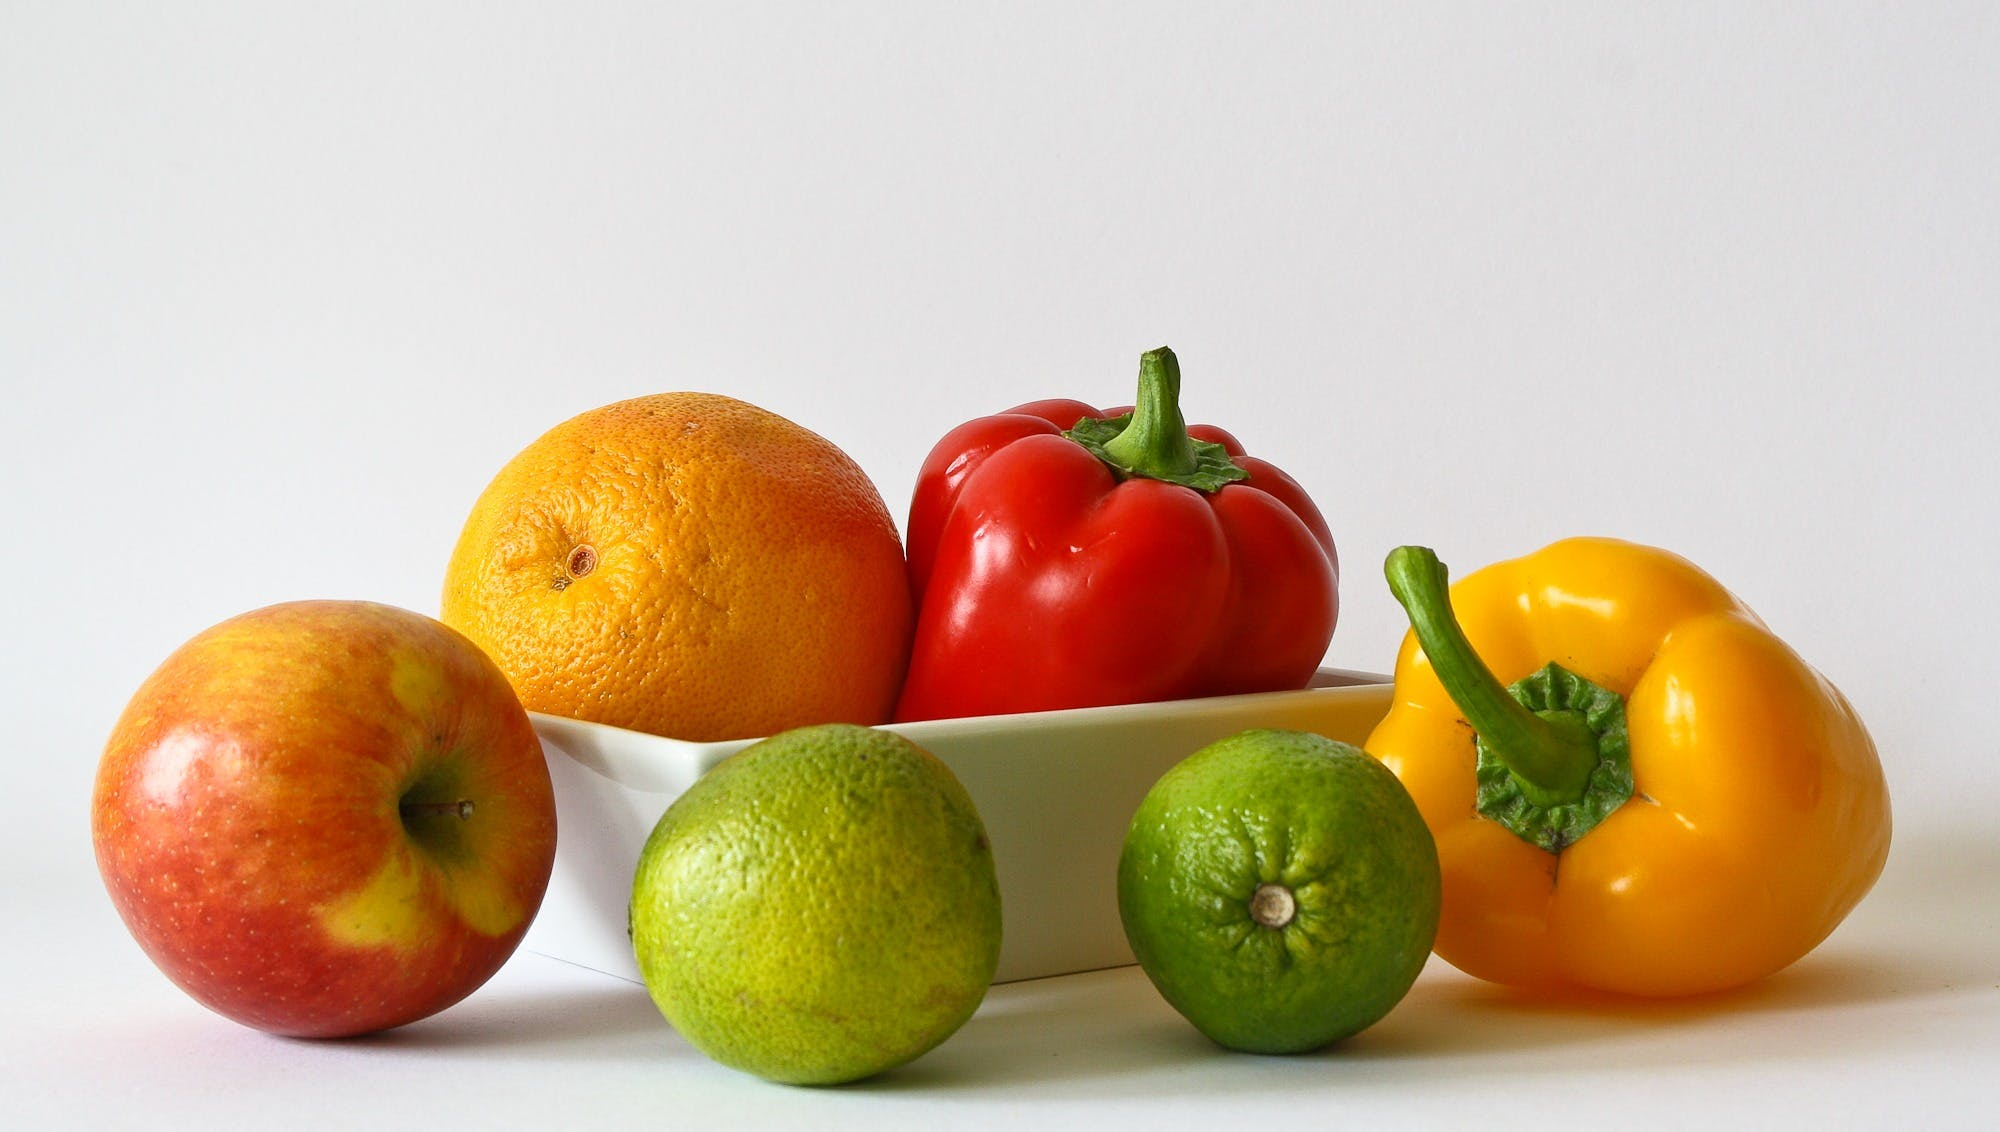 apple, dolmalık biberler, Gıda, Limon içeren Ücretsiz stok fotoğraf